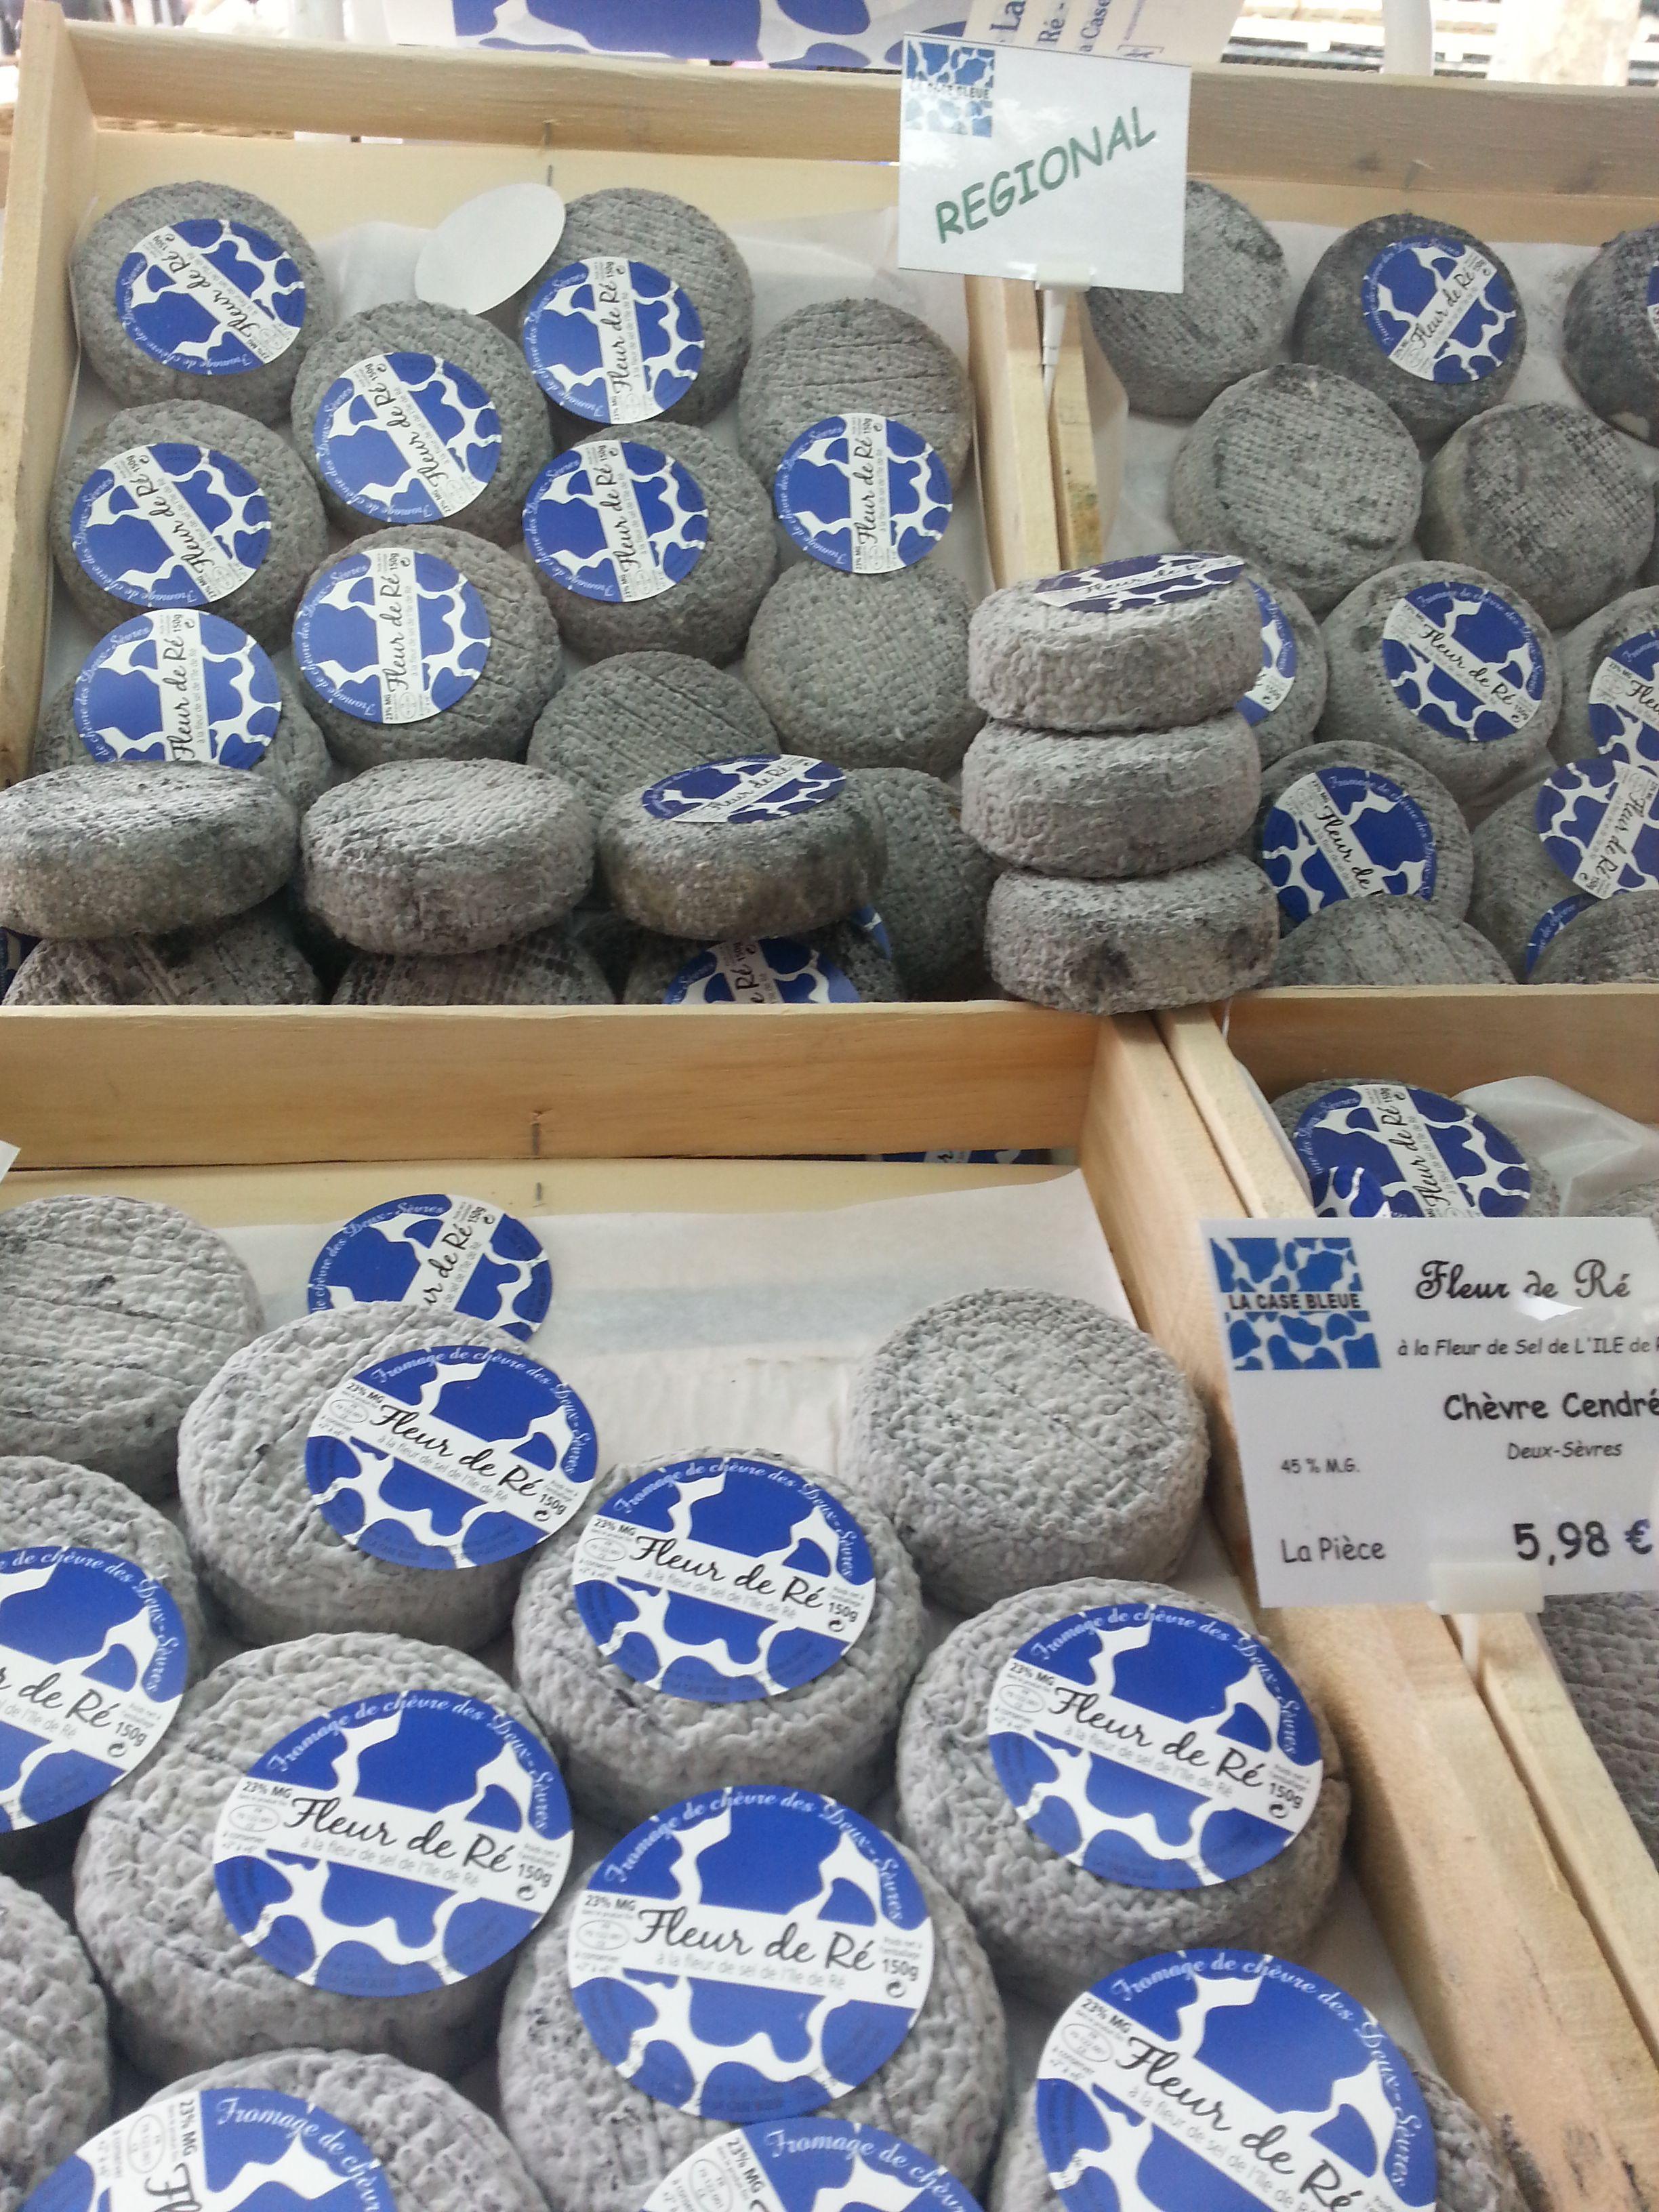 Les fromages de chèvre Fleur de Ré du marché médiéval de La Flotte en Ré - crédit photos : My urban sweetnesses